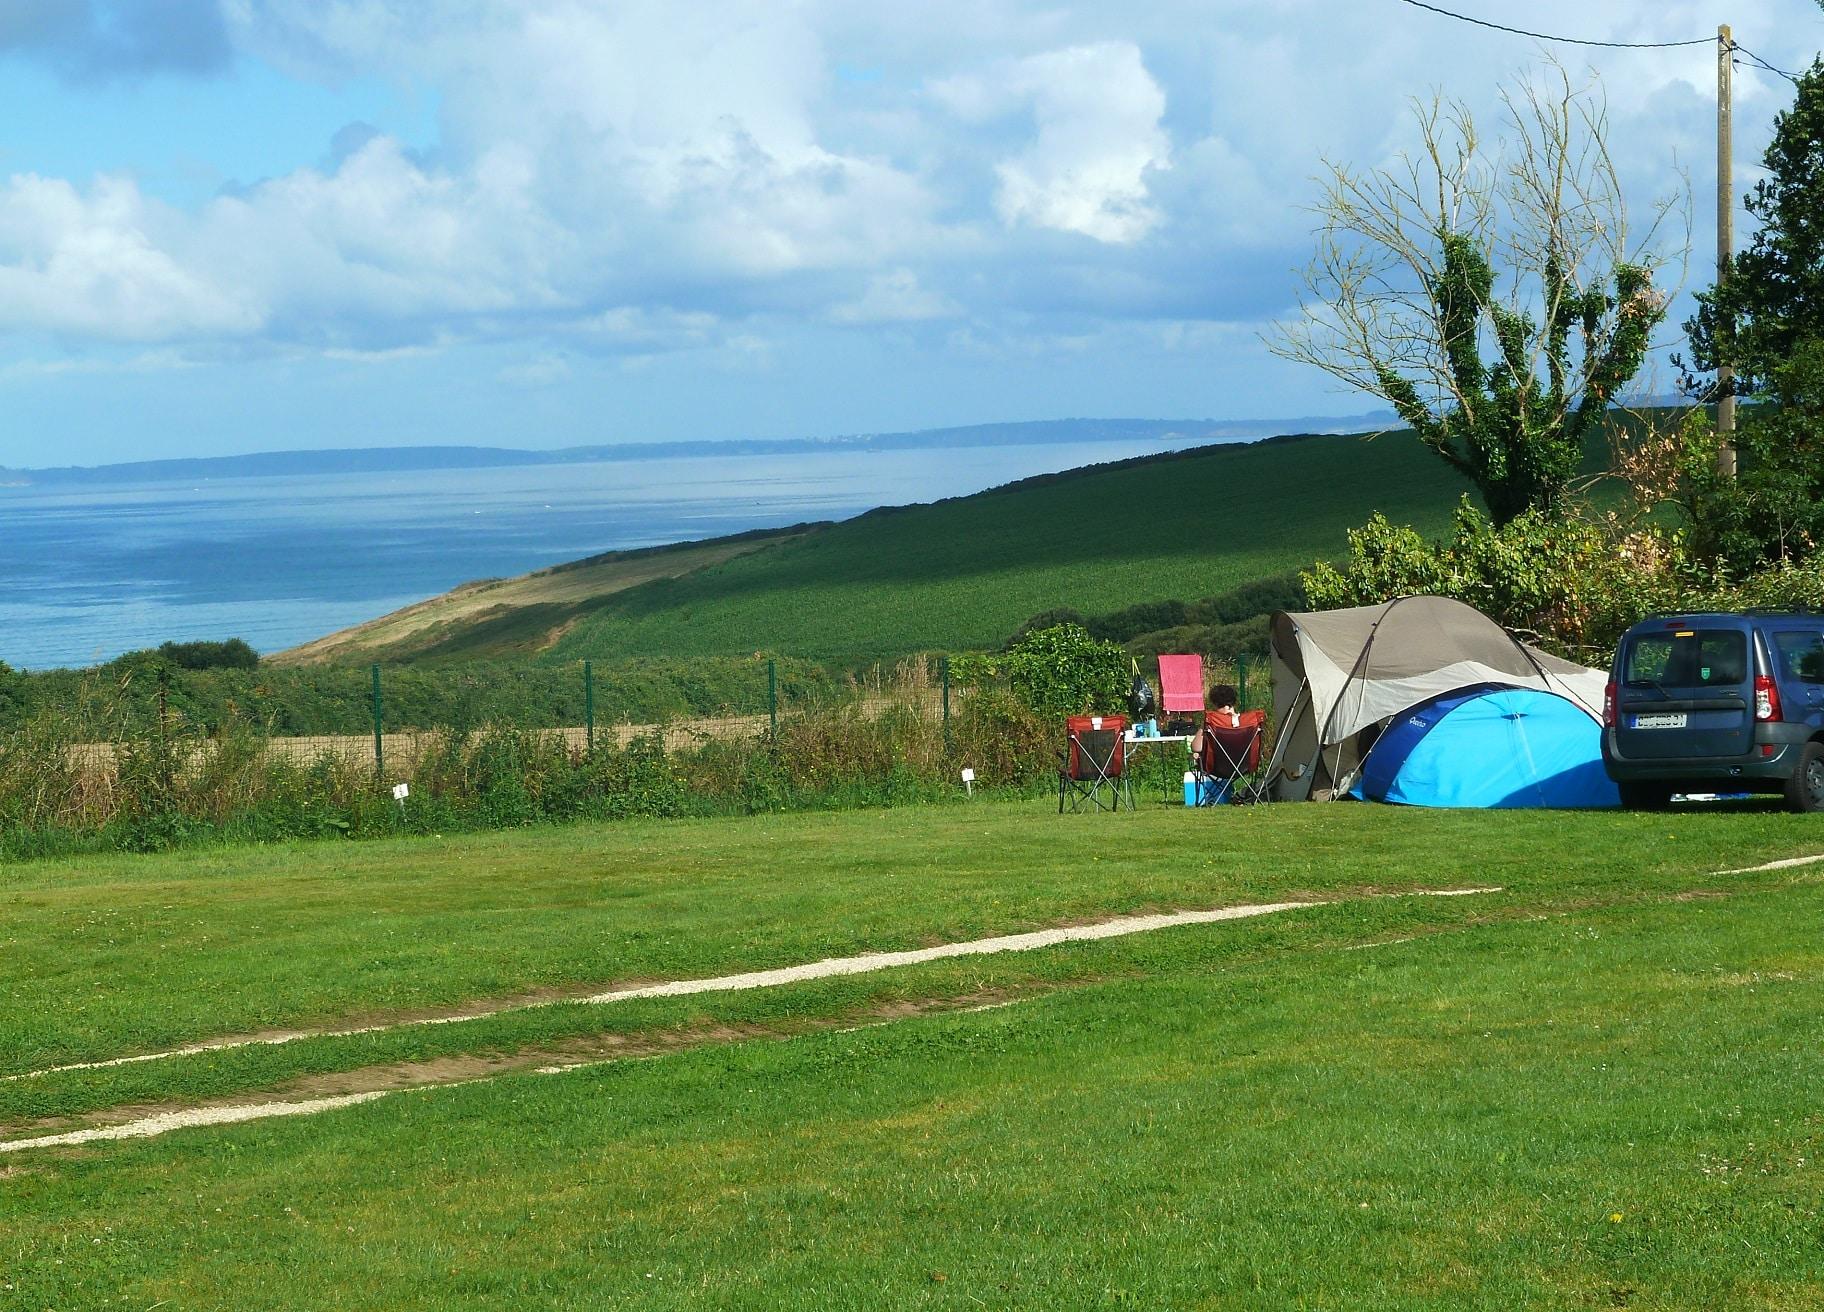 Camping d'Ys en baie de douarnenez